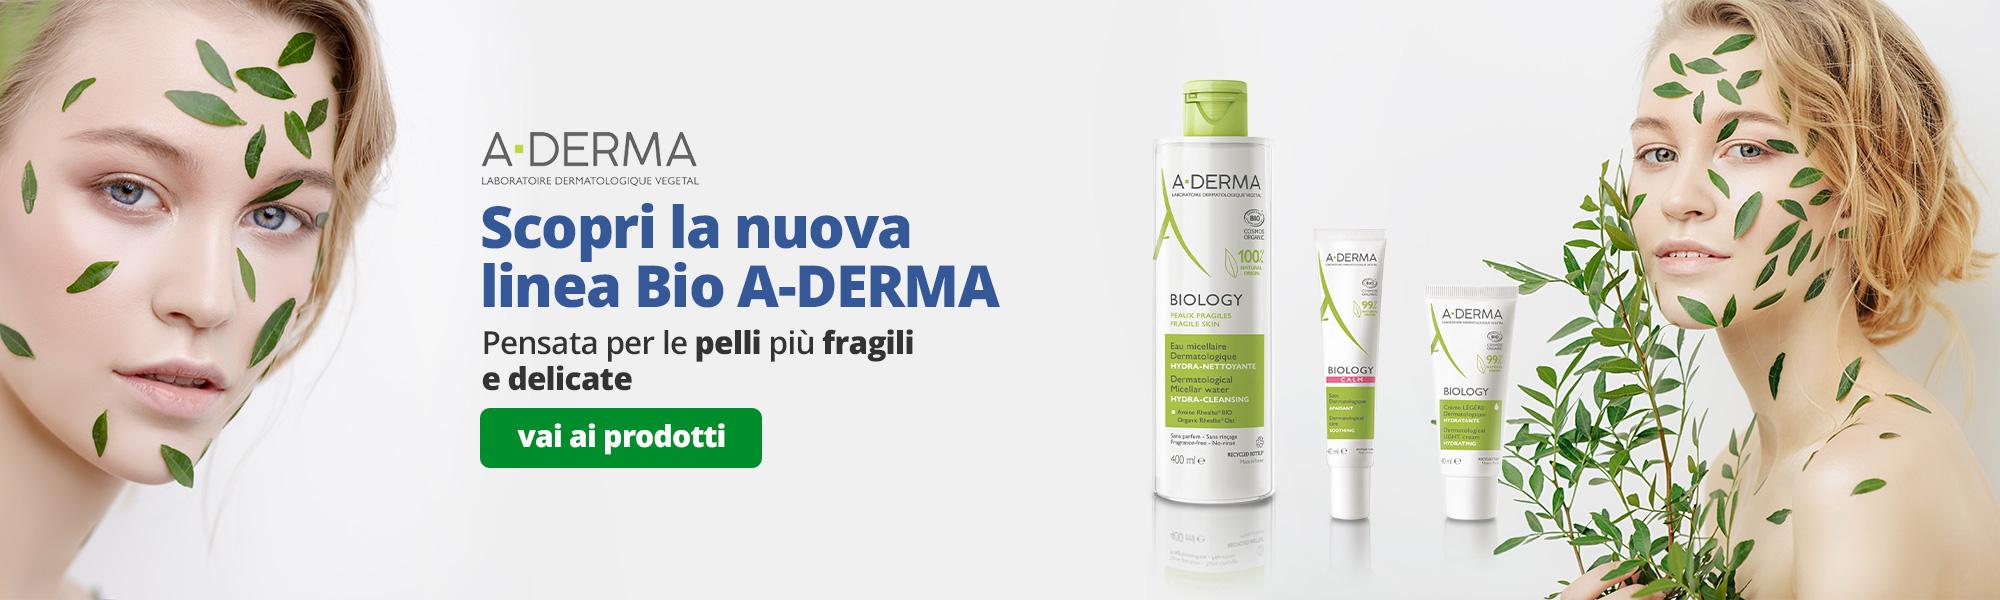 bio a-derma